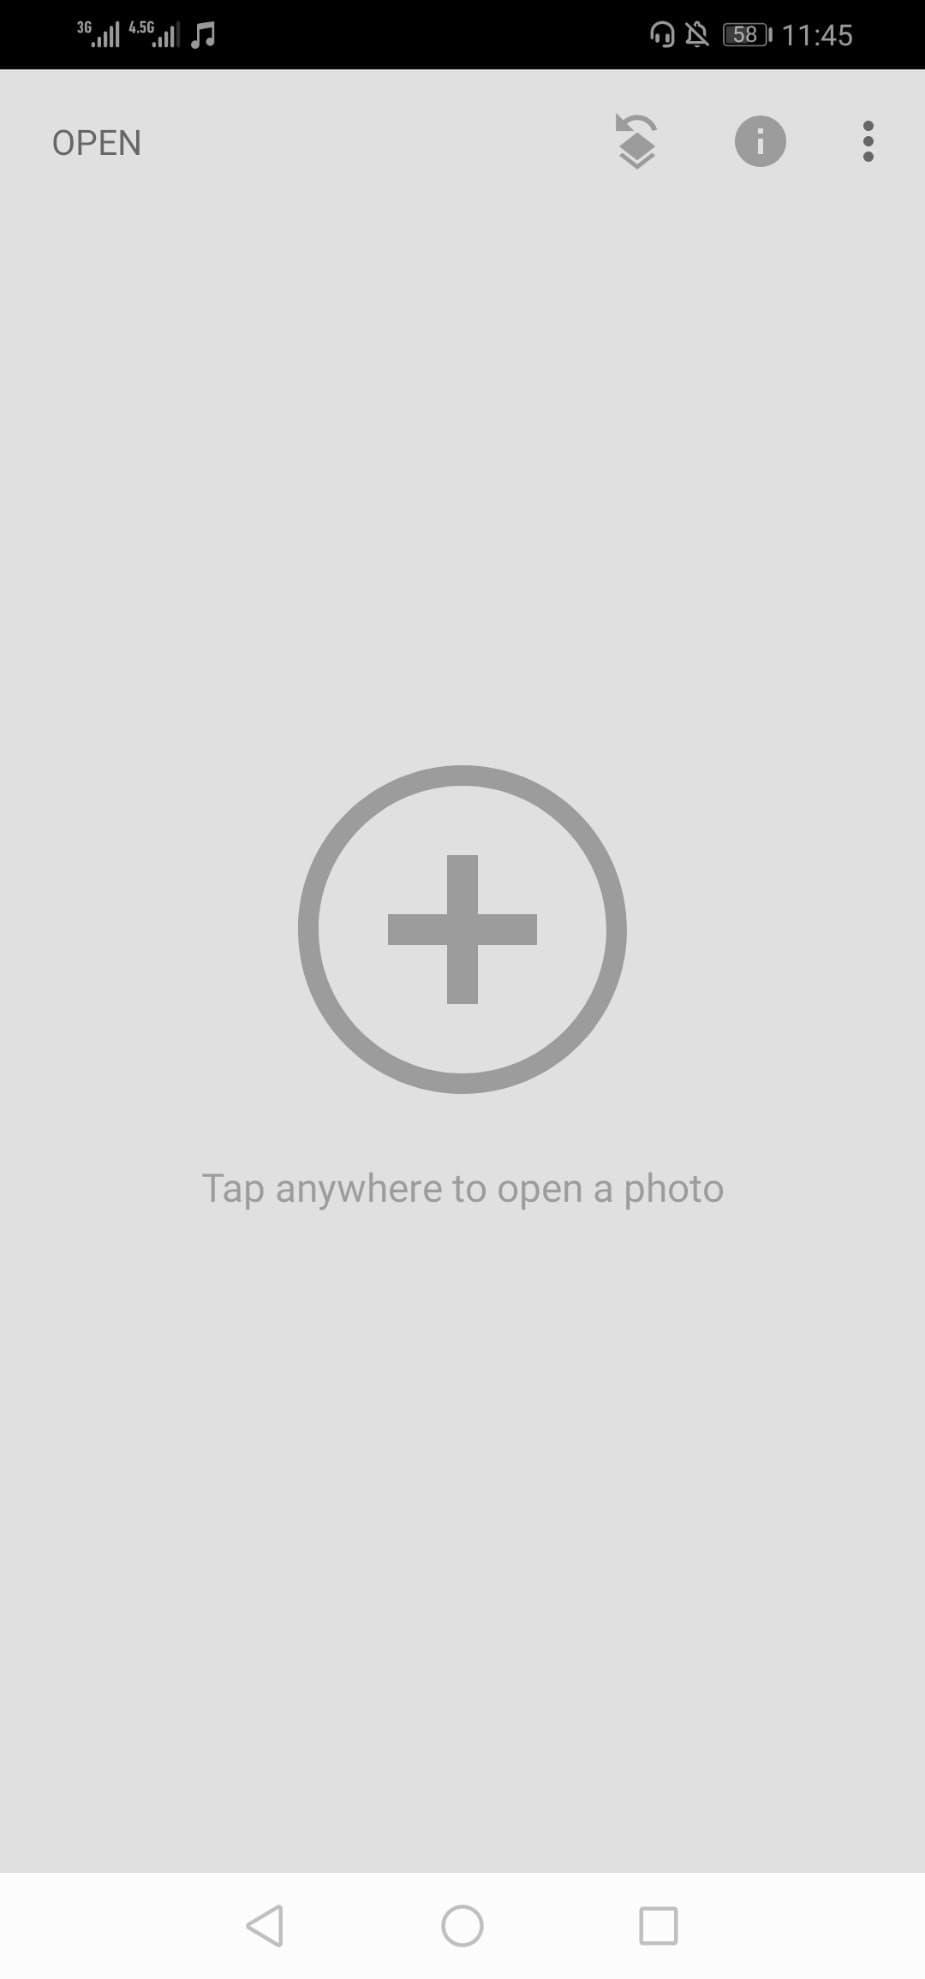 افزودن تصویر برای حذف متن روی تصویر در اندروید